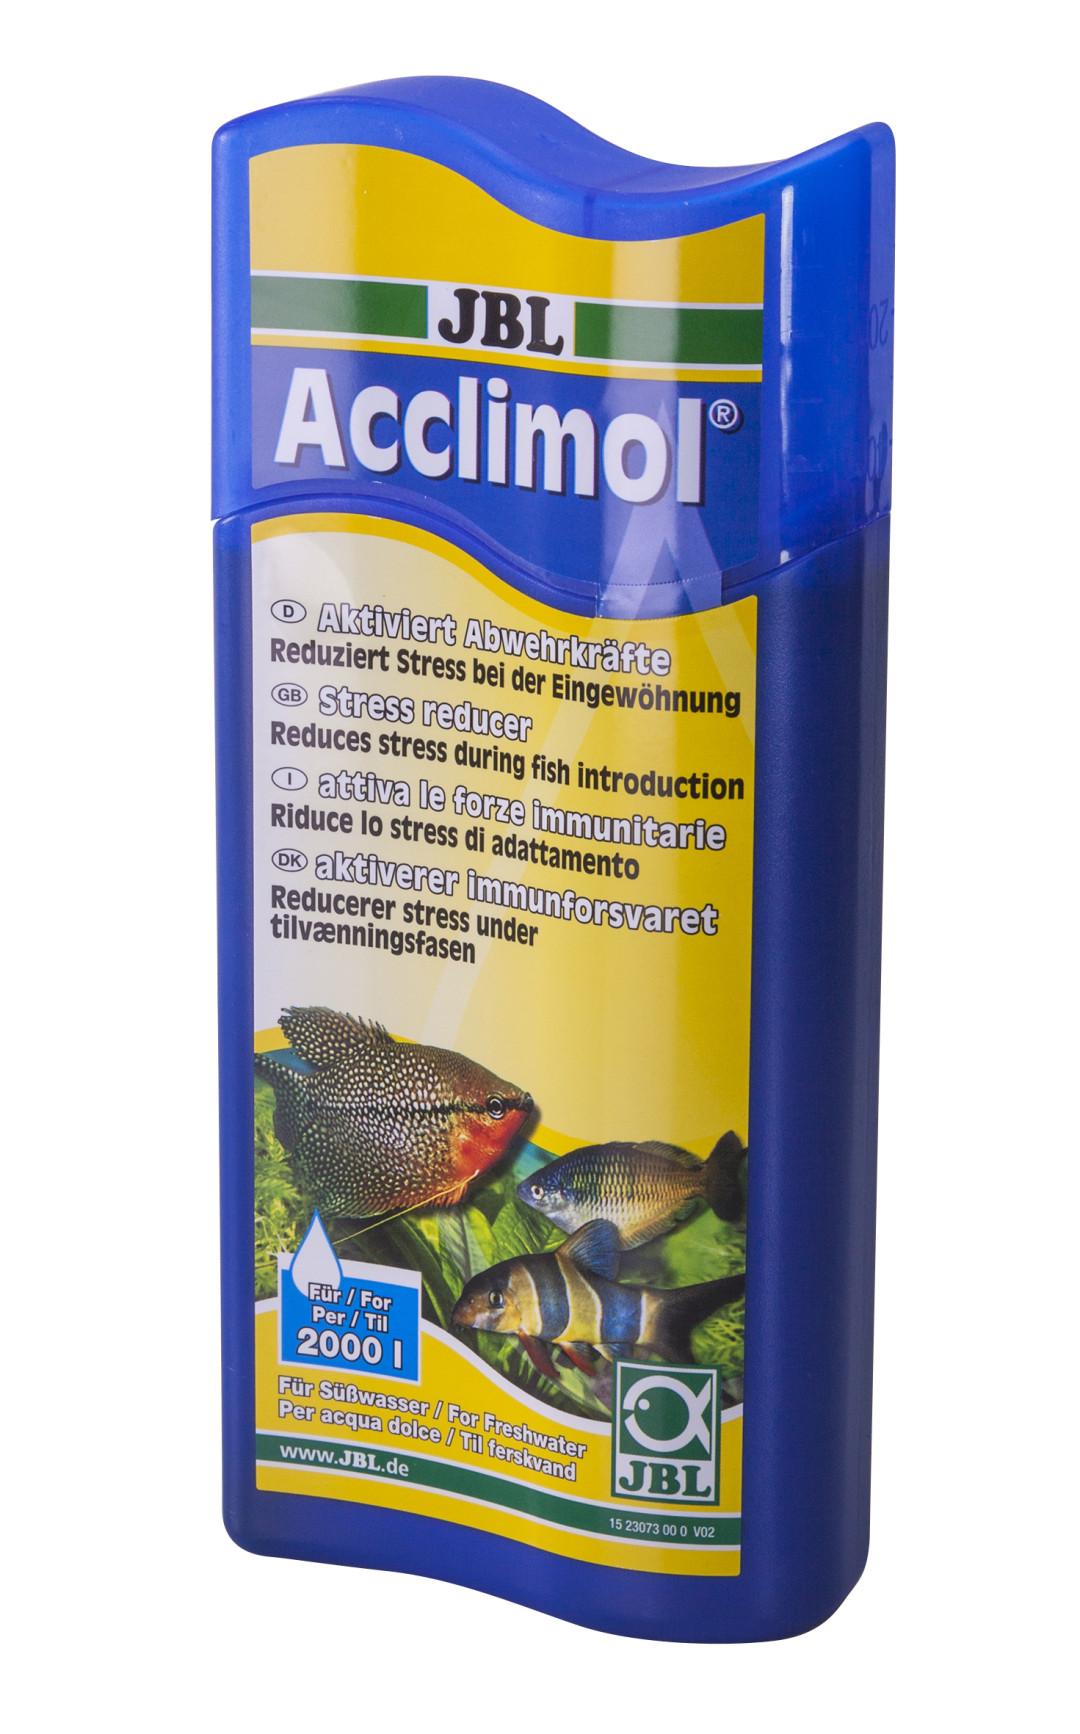 JBL Acclimol 500 ml